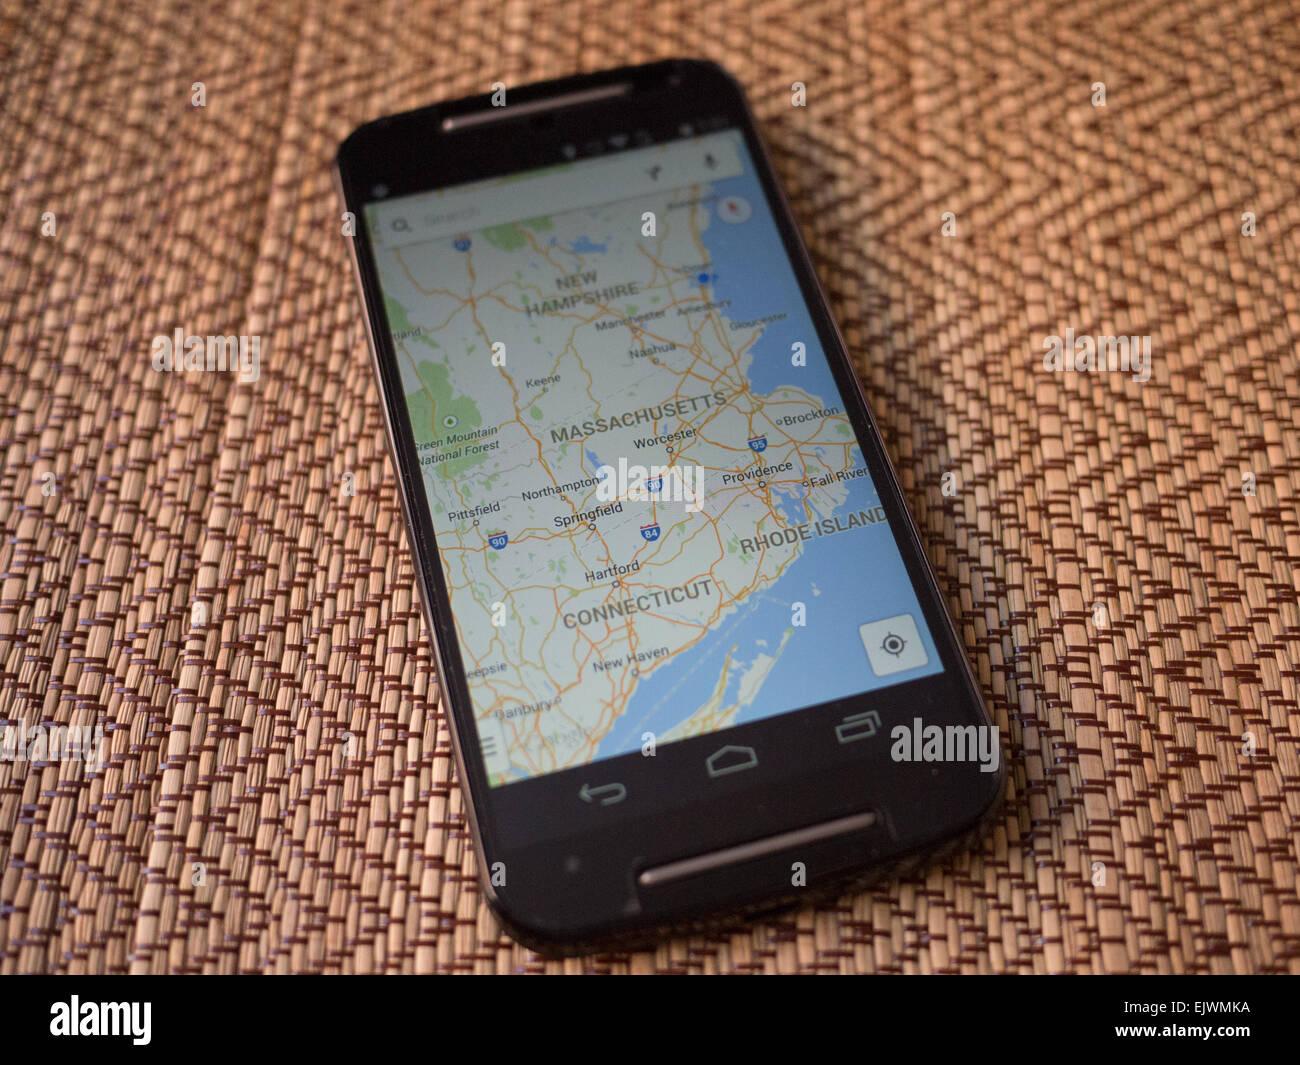 Google Map Stock Photos & Google Map Stock Images - Alamy